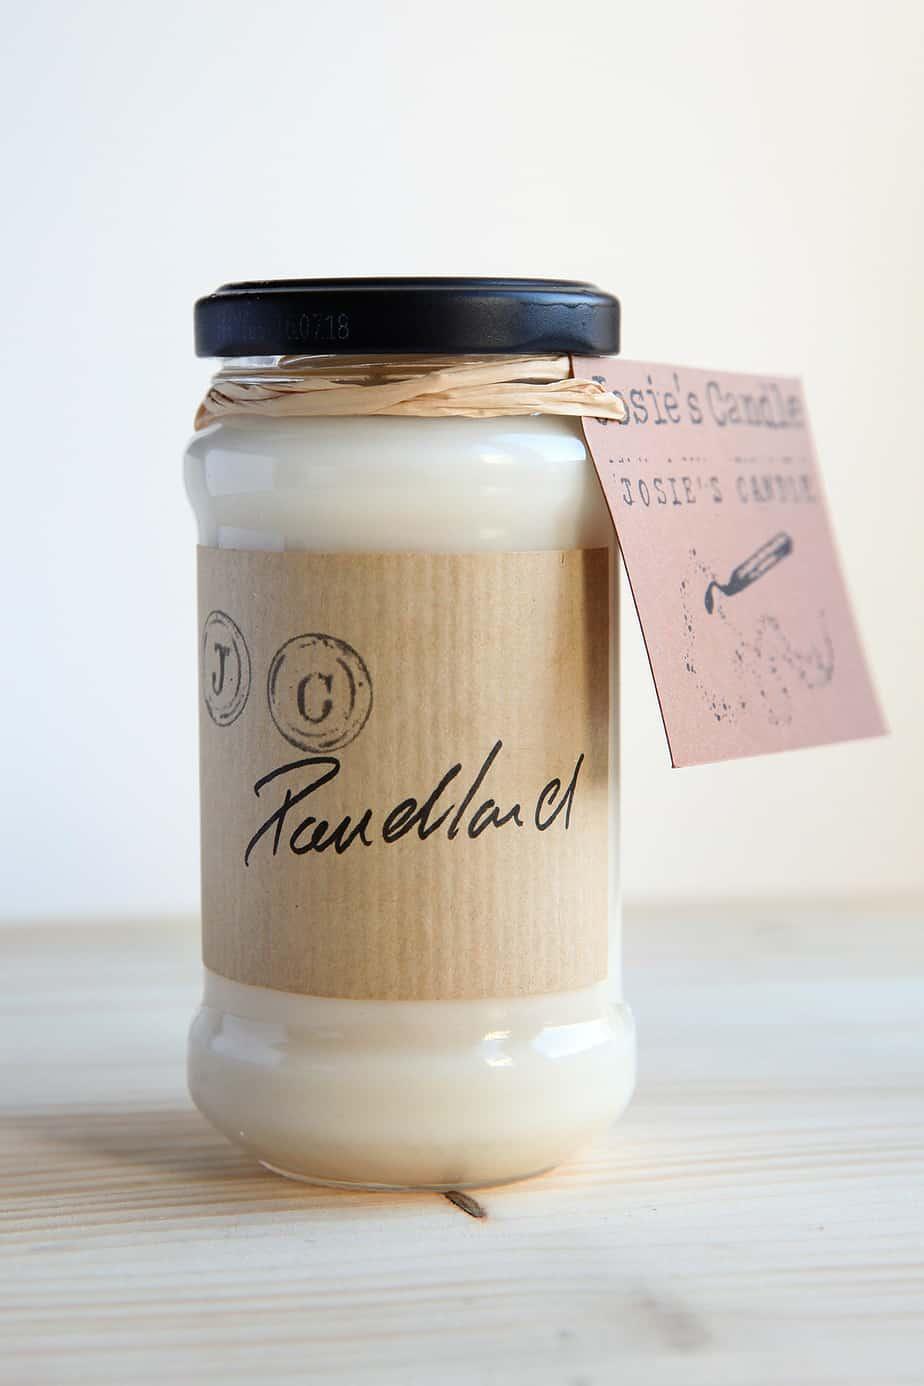 bougie poudlard josiescandle - Josie's Candle, des bougies vegan et faites à la main